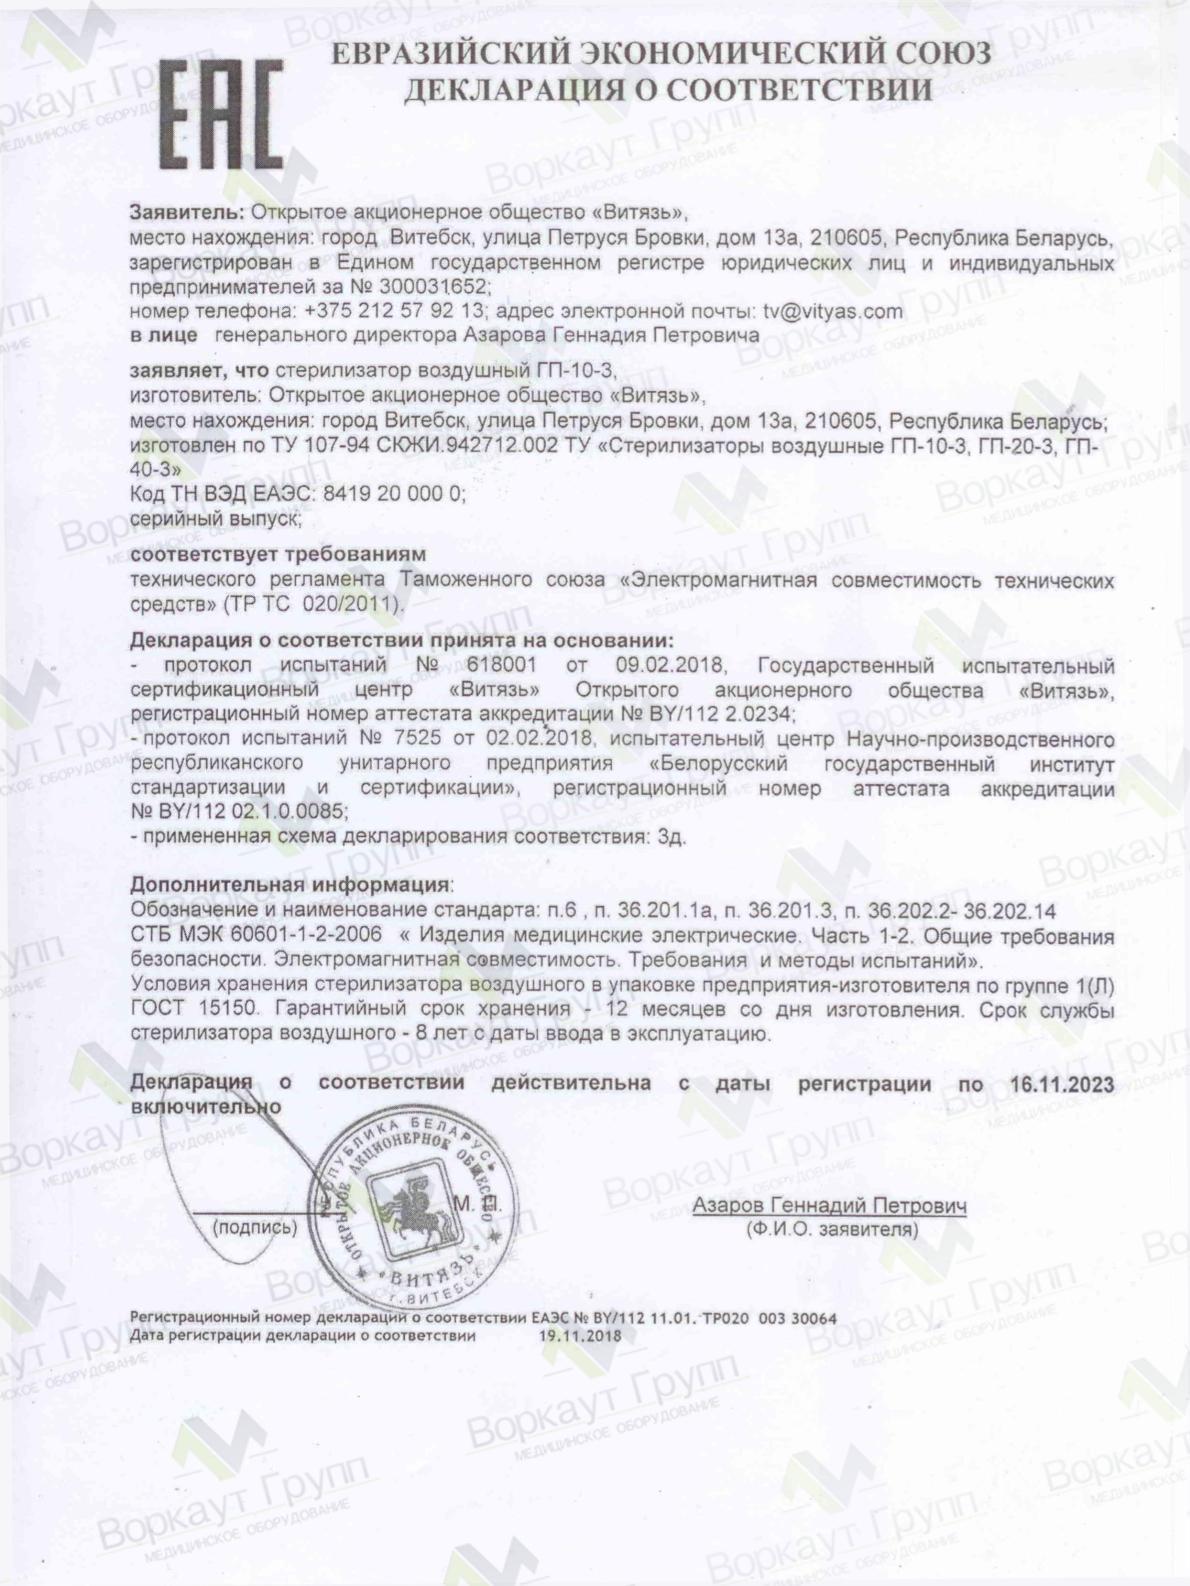 """Декларация ГП-10-3 ОАО """"Витязь"""""""